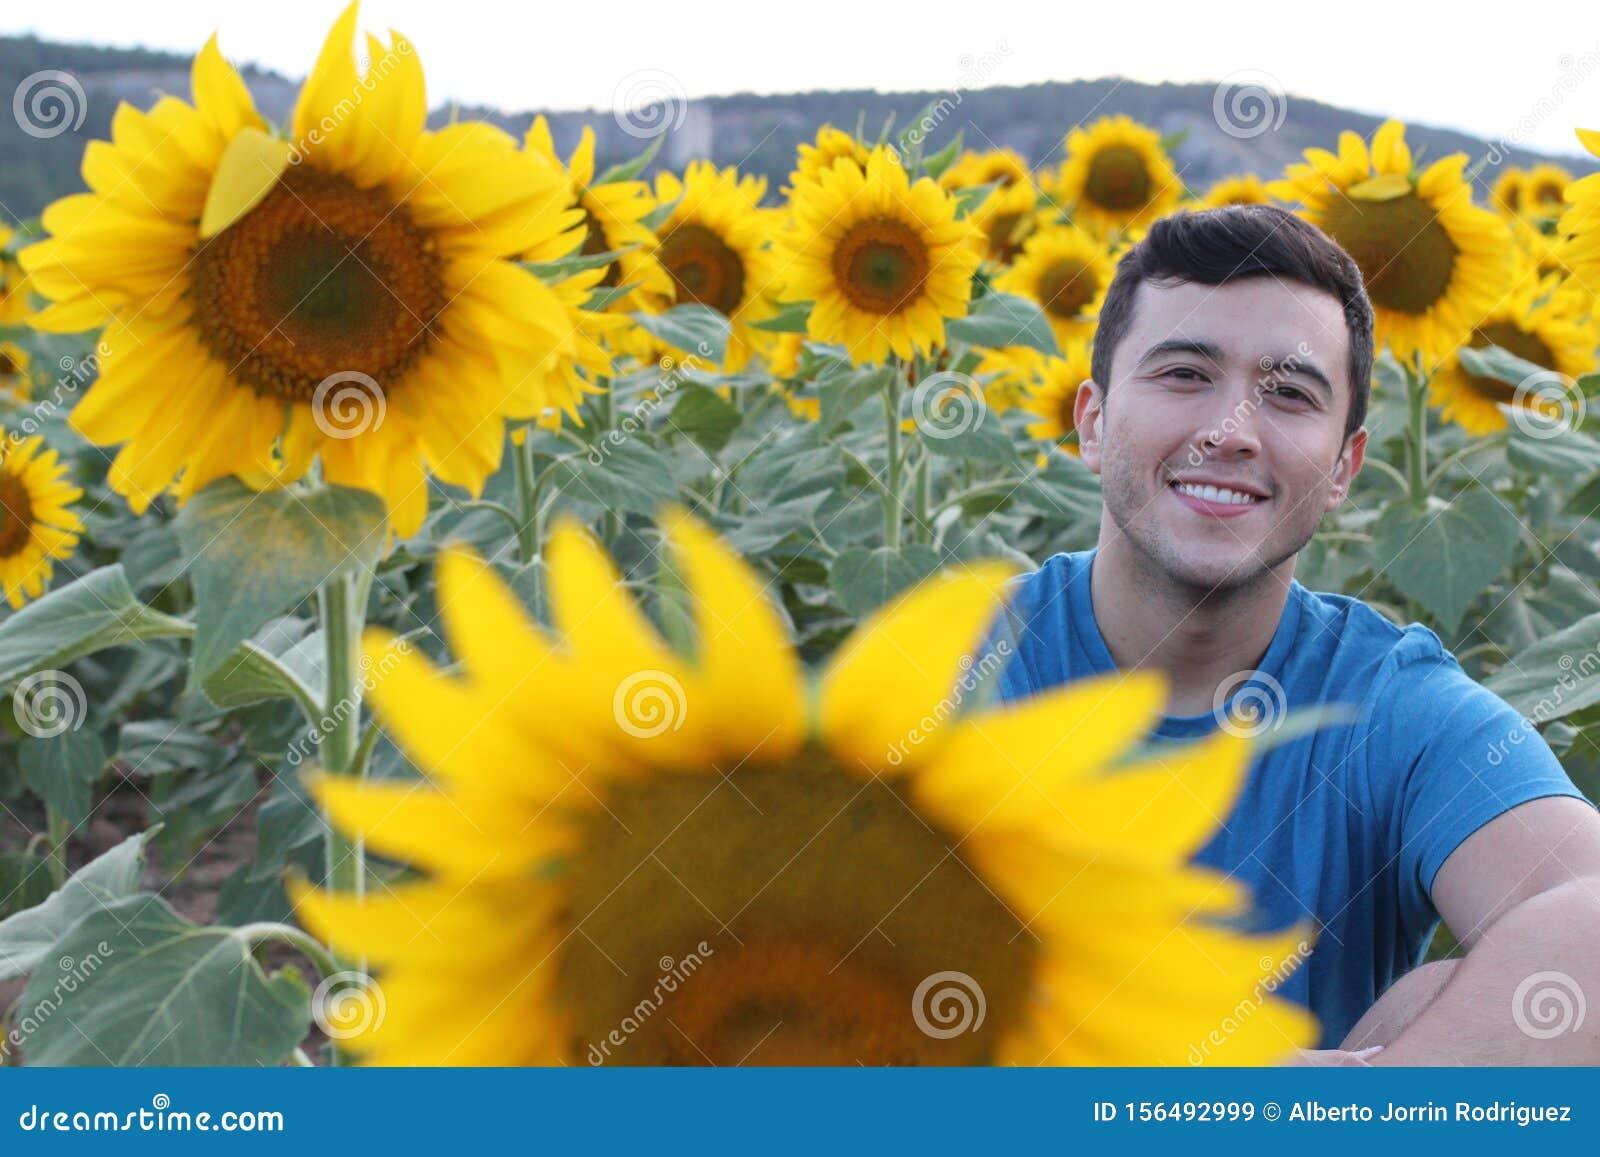 Cute ethnic man in sunflower field